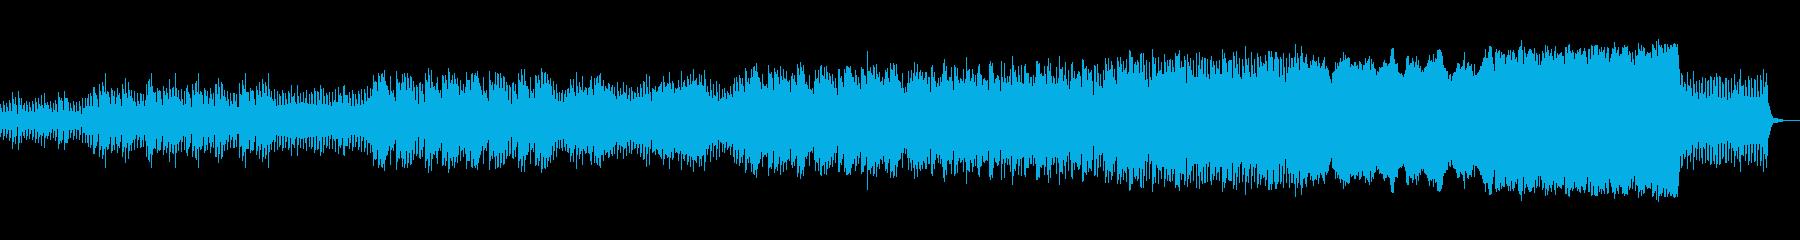 一歩一歩着実にゆっくりと進化する前向き曲の再生済みの波形